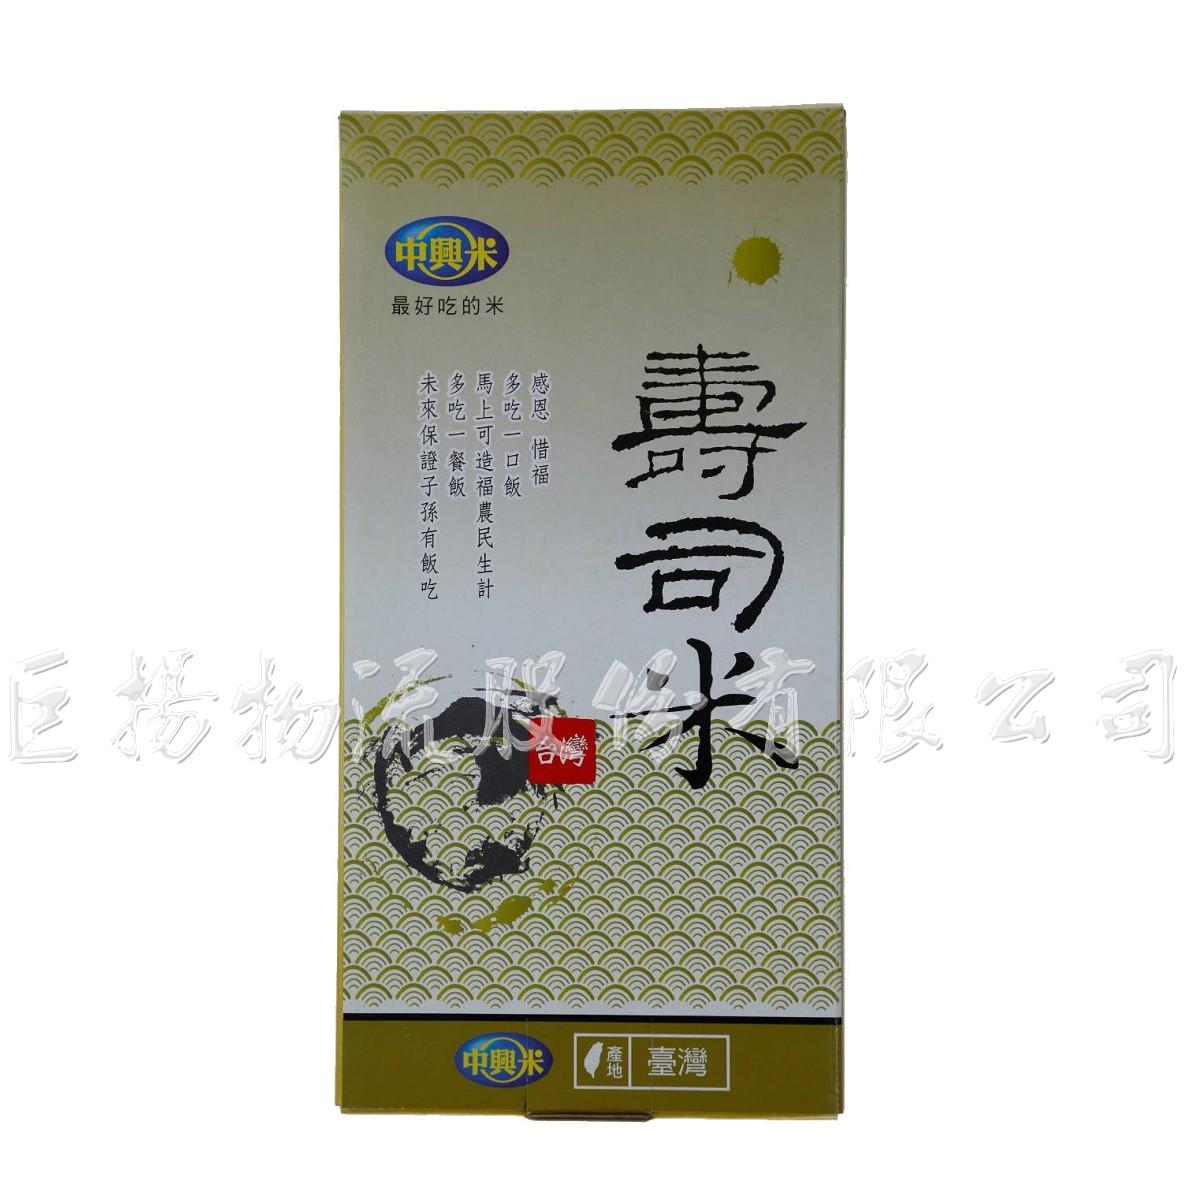 七層壽司米(一公斤裝)罐頭山蓮花立體四面有燈光罐頭塔燈光柱